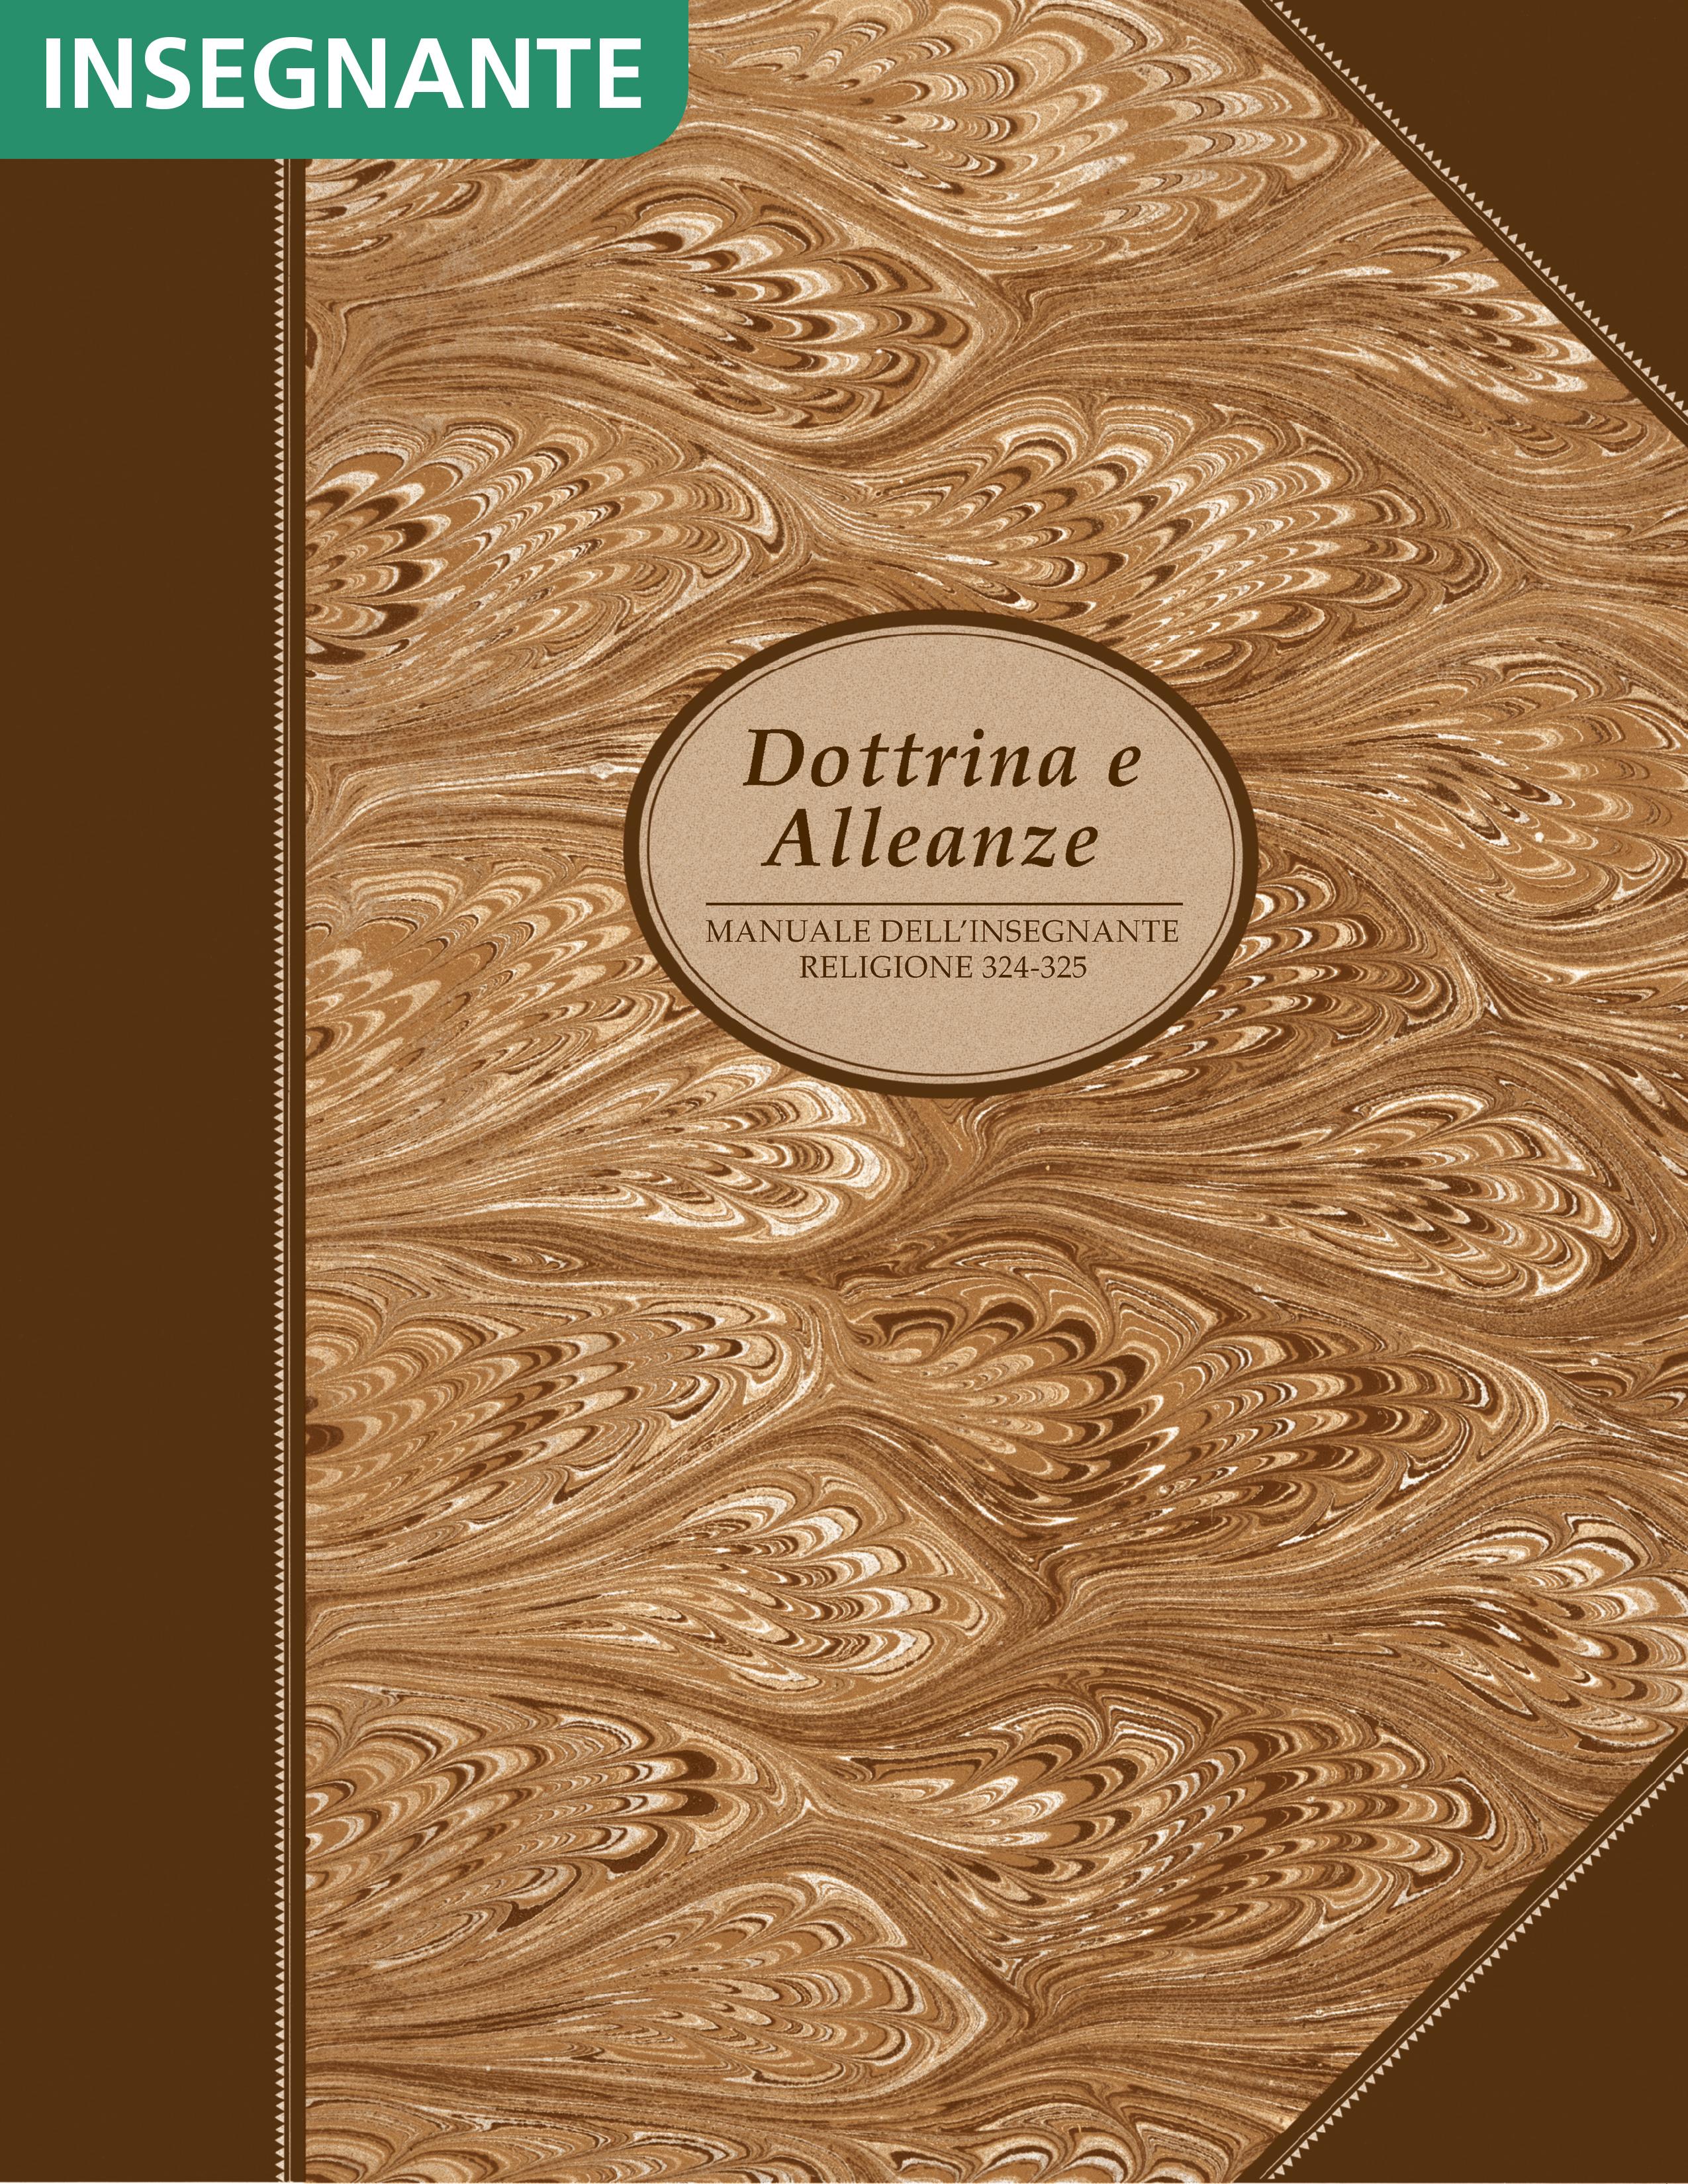 Dottrina e Alleanze – Manuale dell'insegnante (Religione 324–325)